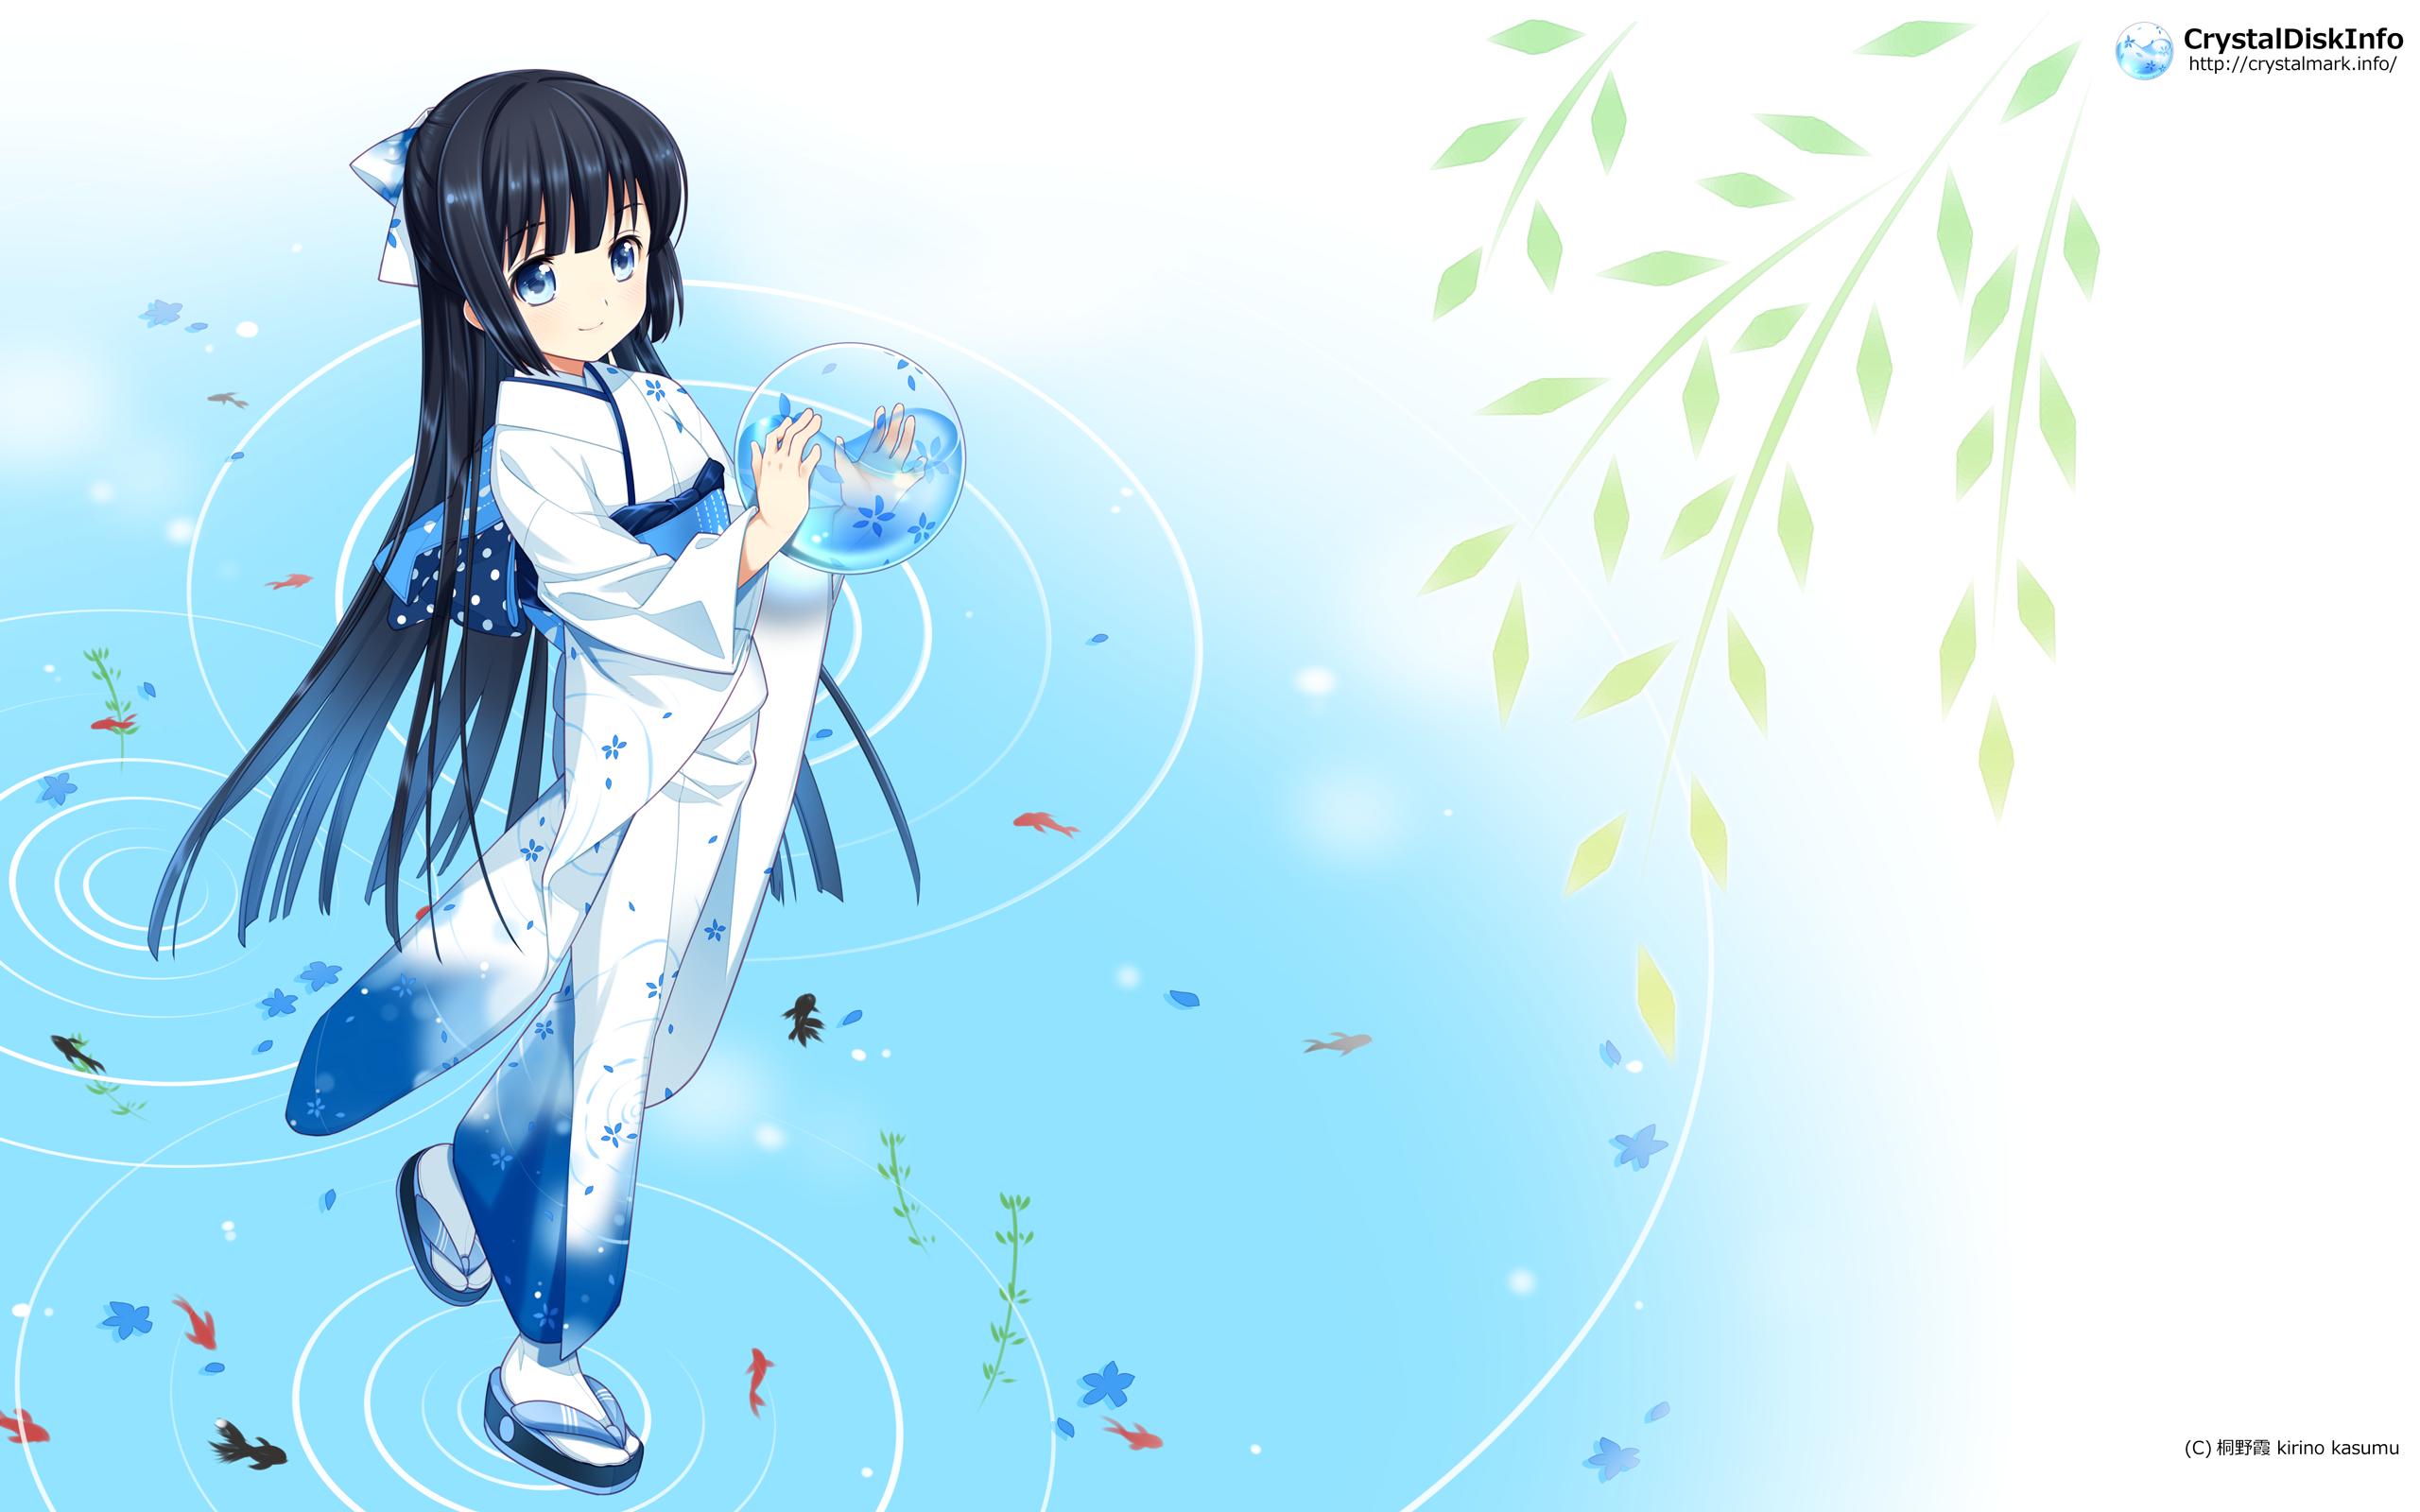 求一张日本动漫图片 一个蓝色长发女孩子穿着和服